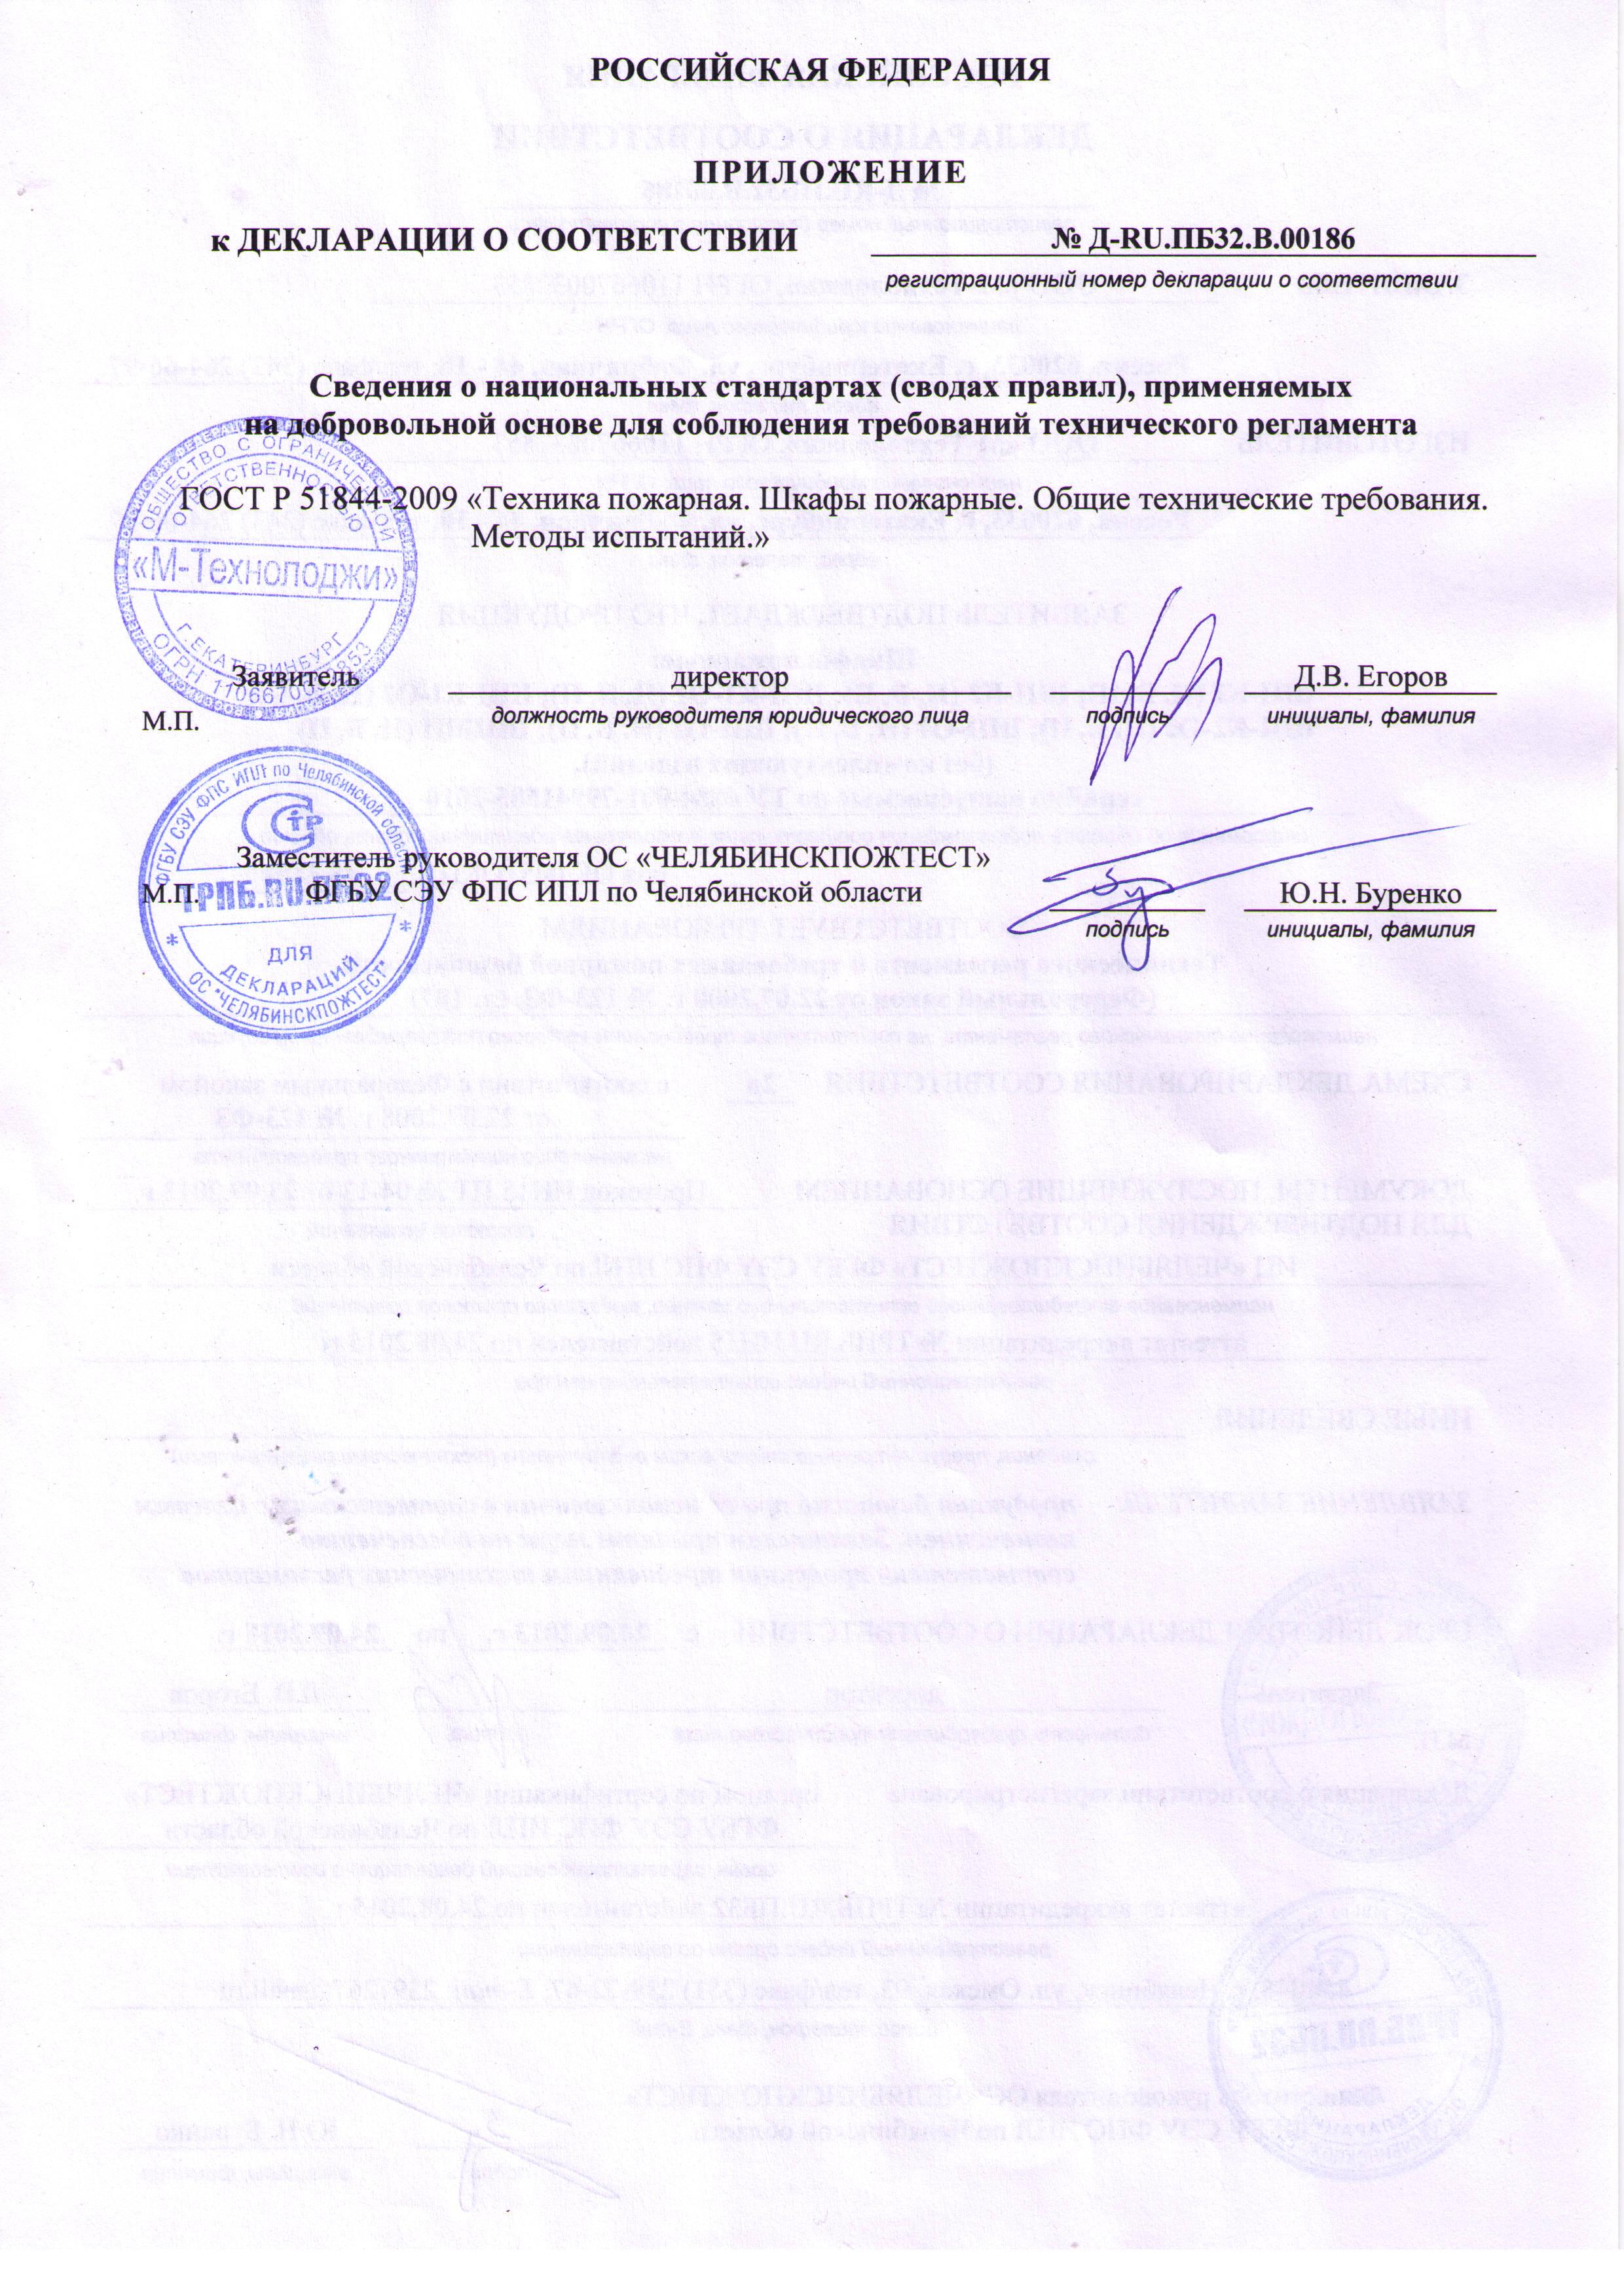 Декларация соответствия 2013 приложение